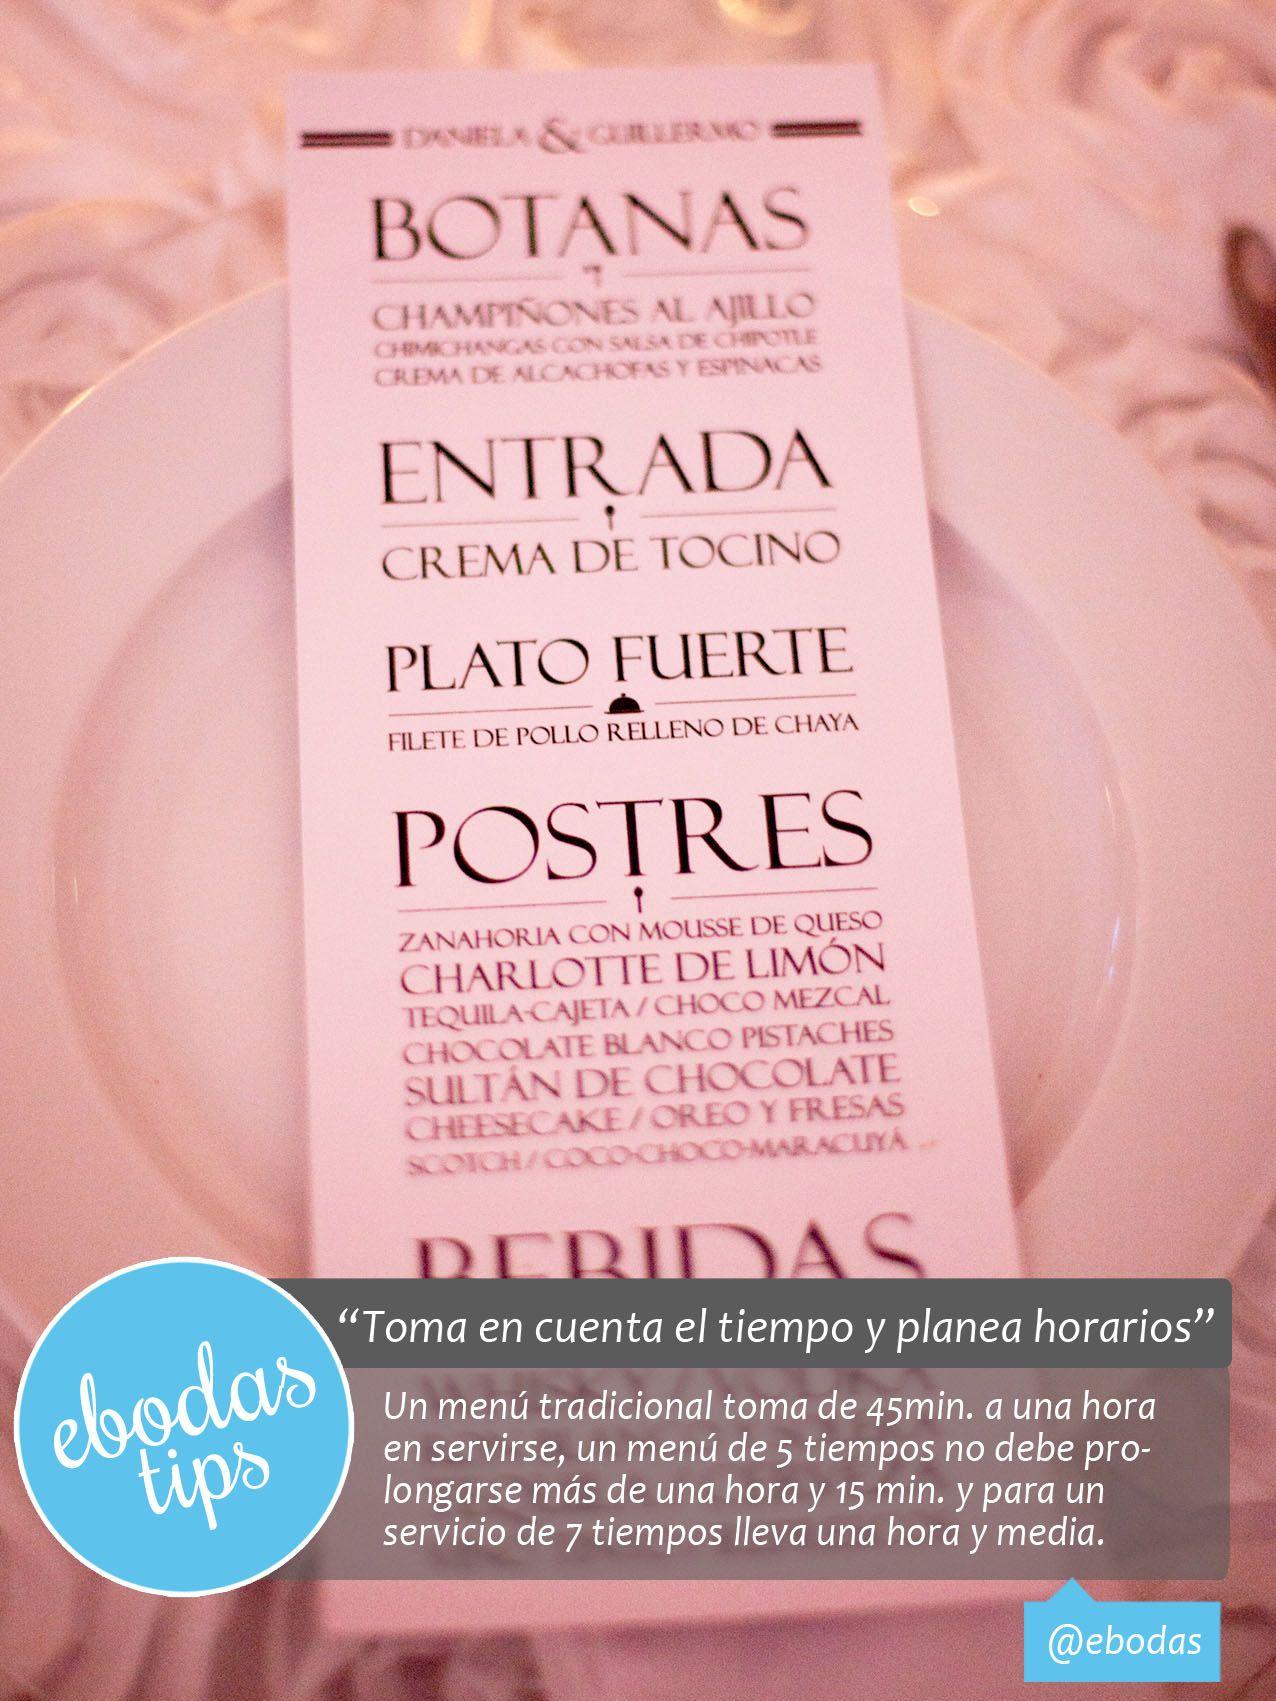 Ten en cuenta las horas y tiempos #ebodas #menu #wedding